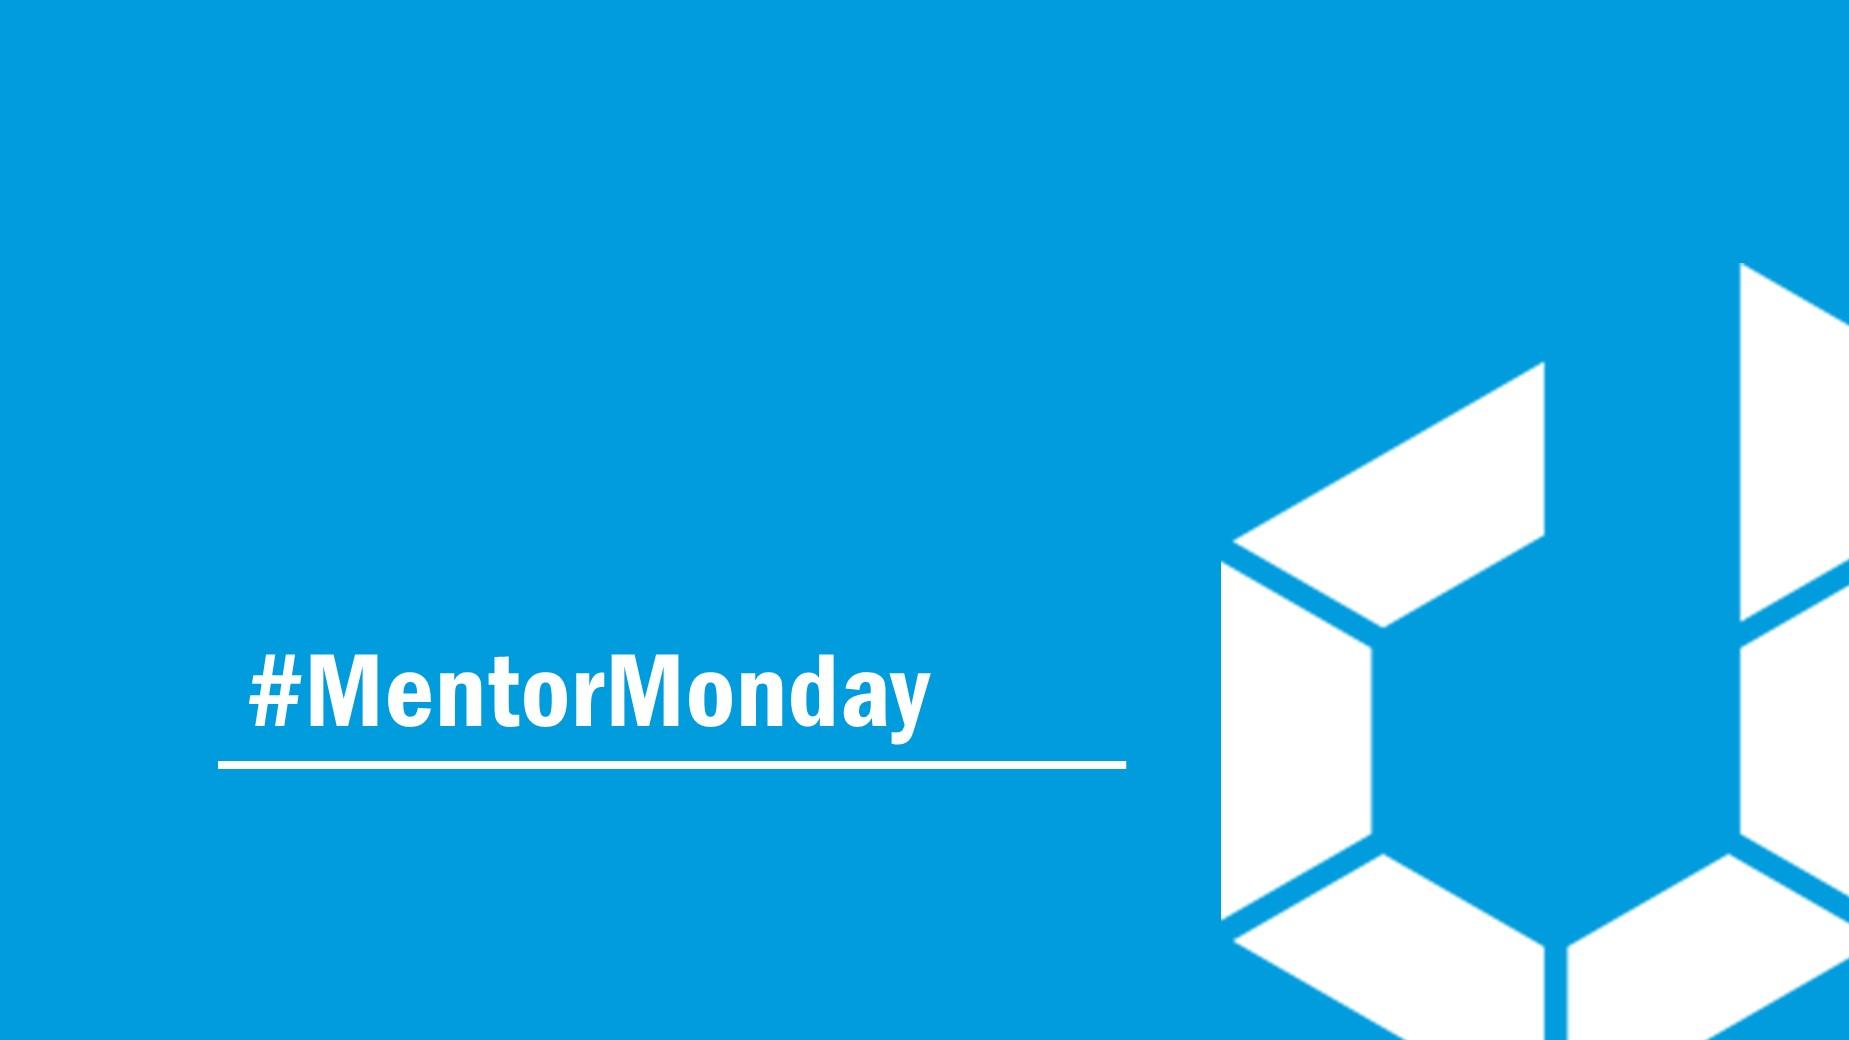 #MentorMonday